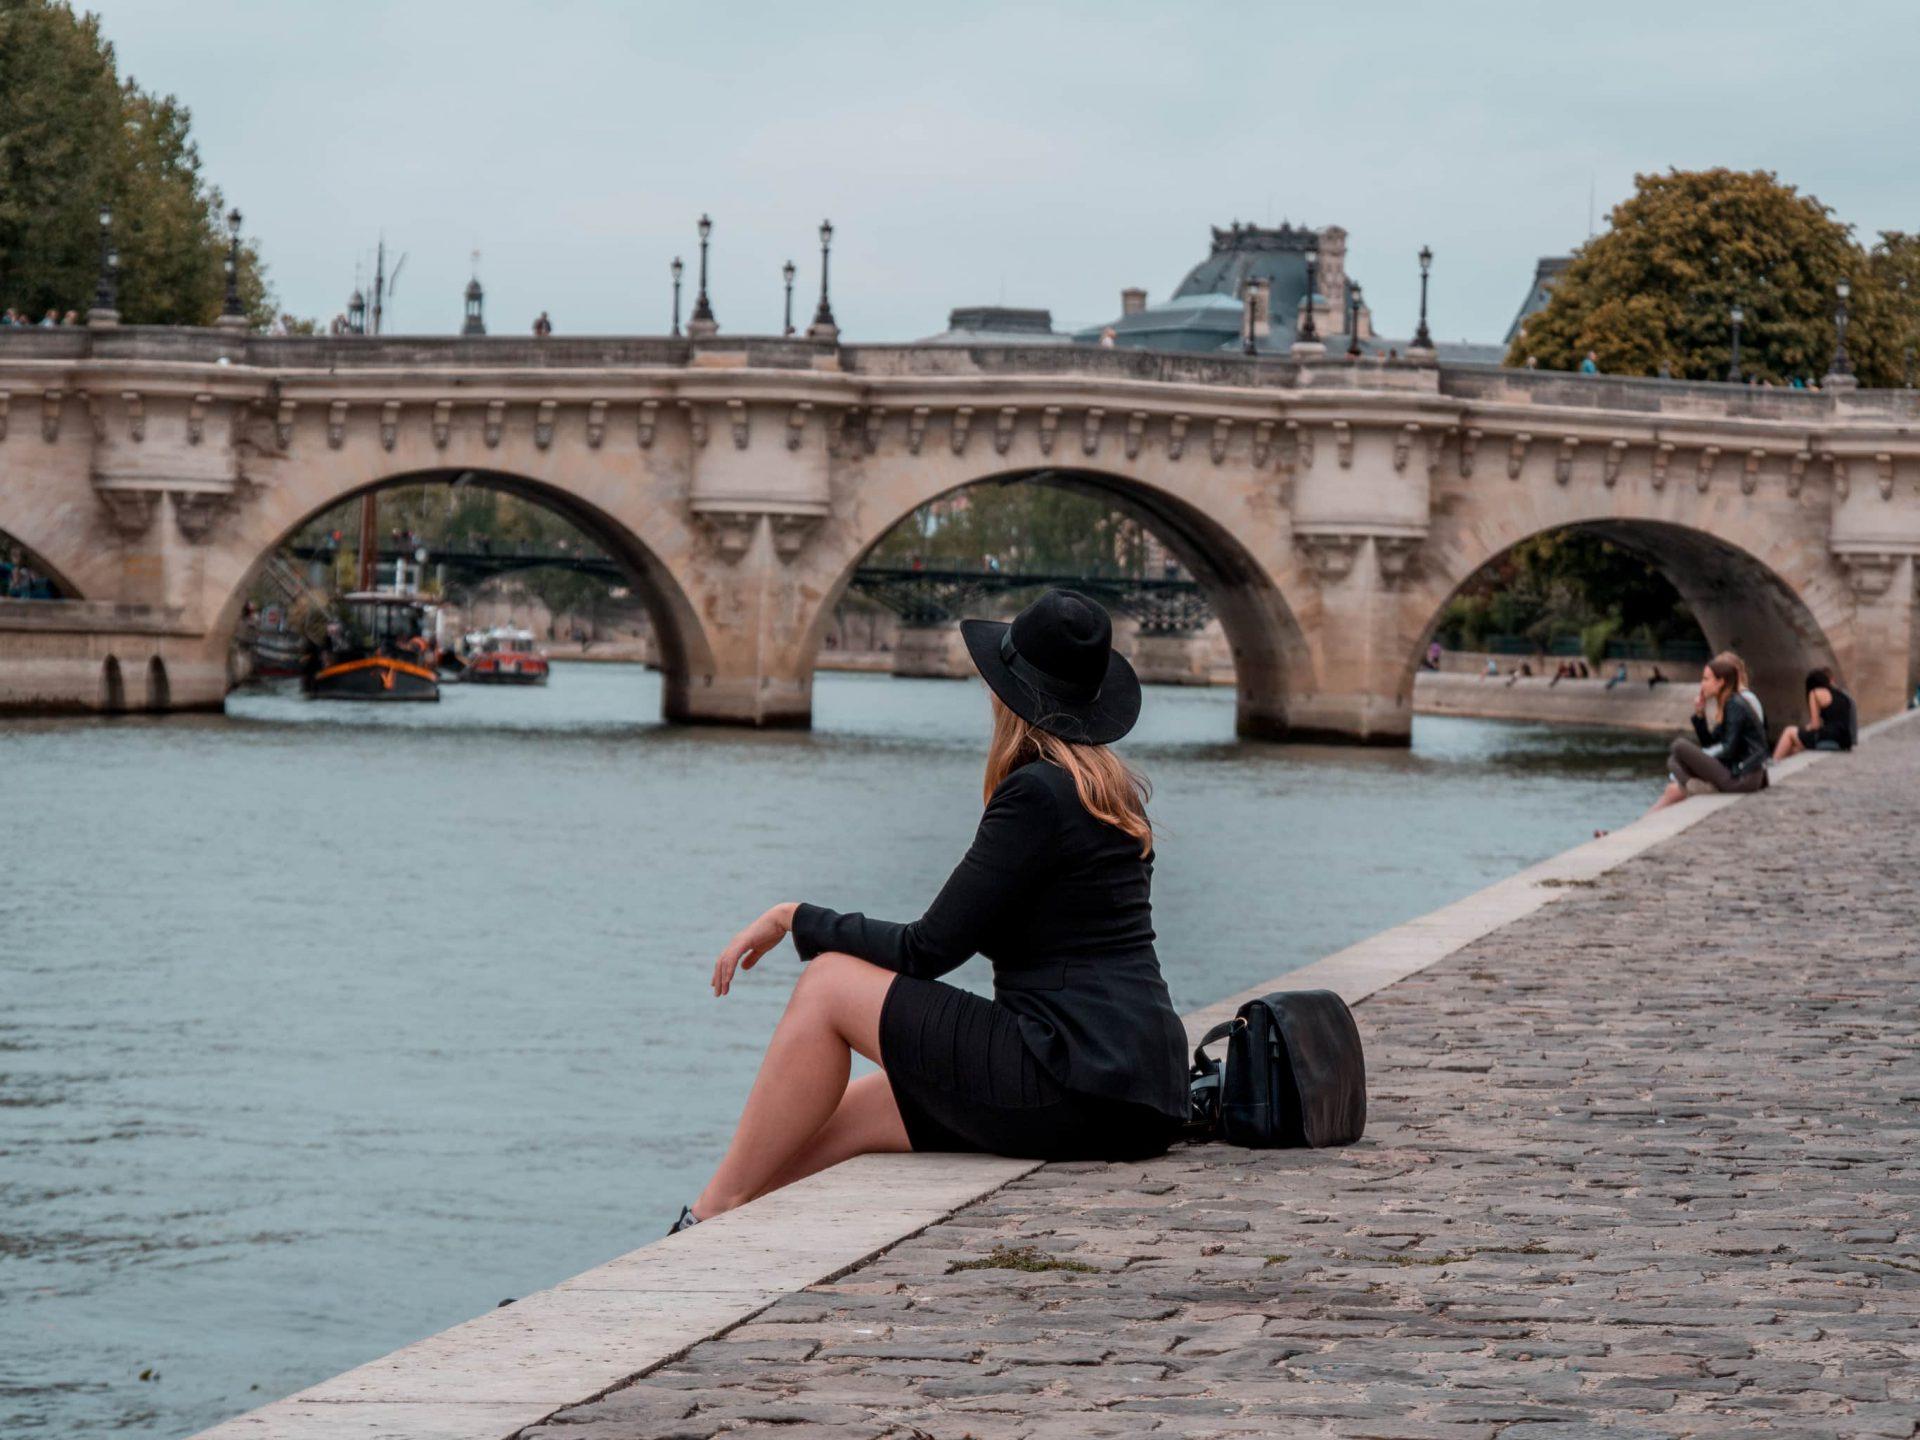 ParisMilou9 - Wat te doen in Parijs: 55 tips voor een leuke stedentrip (+ budget tips!)